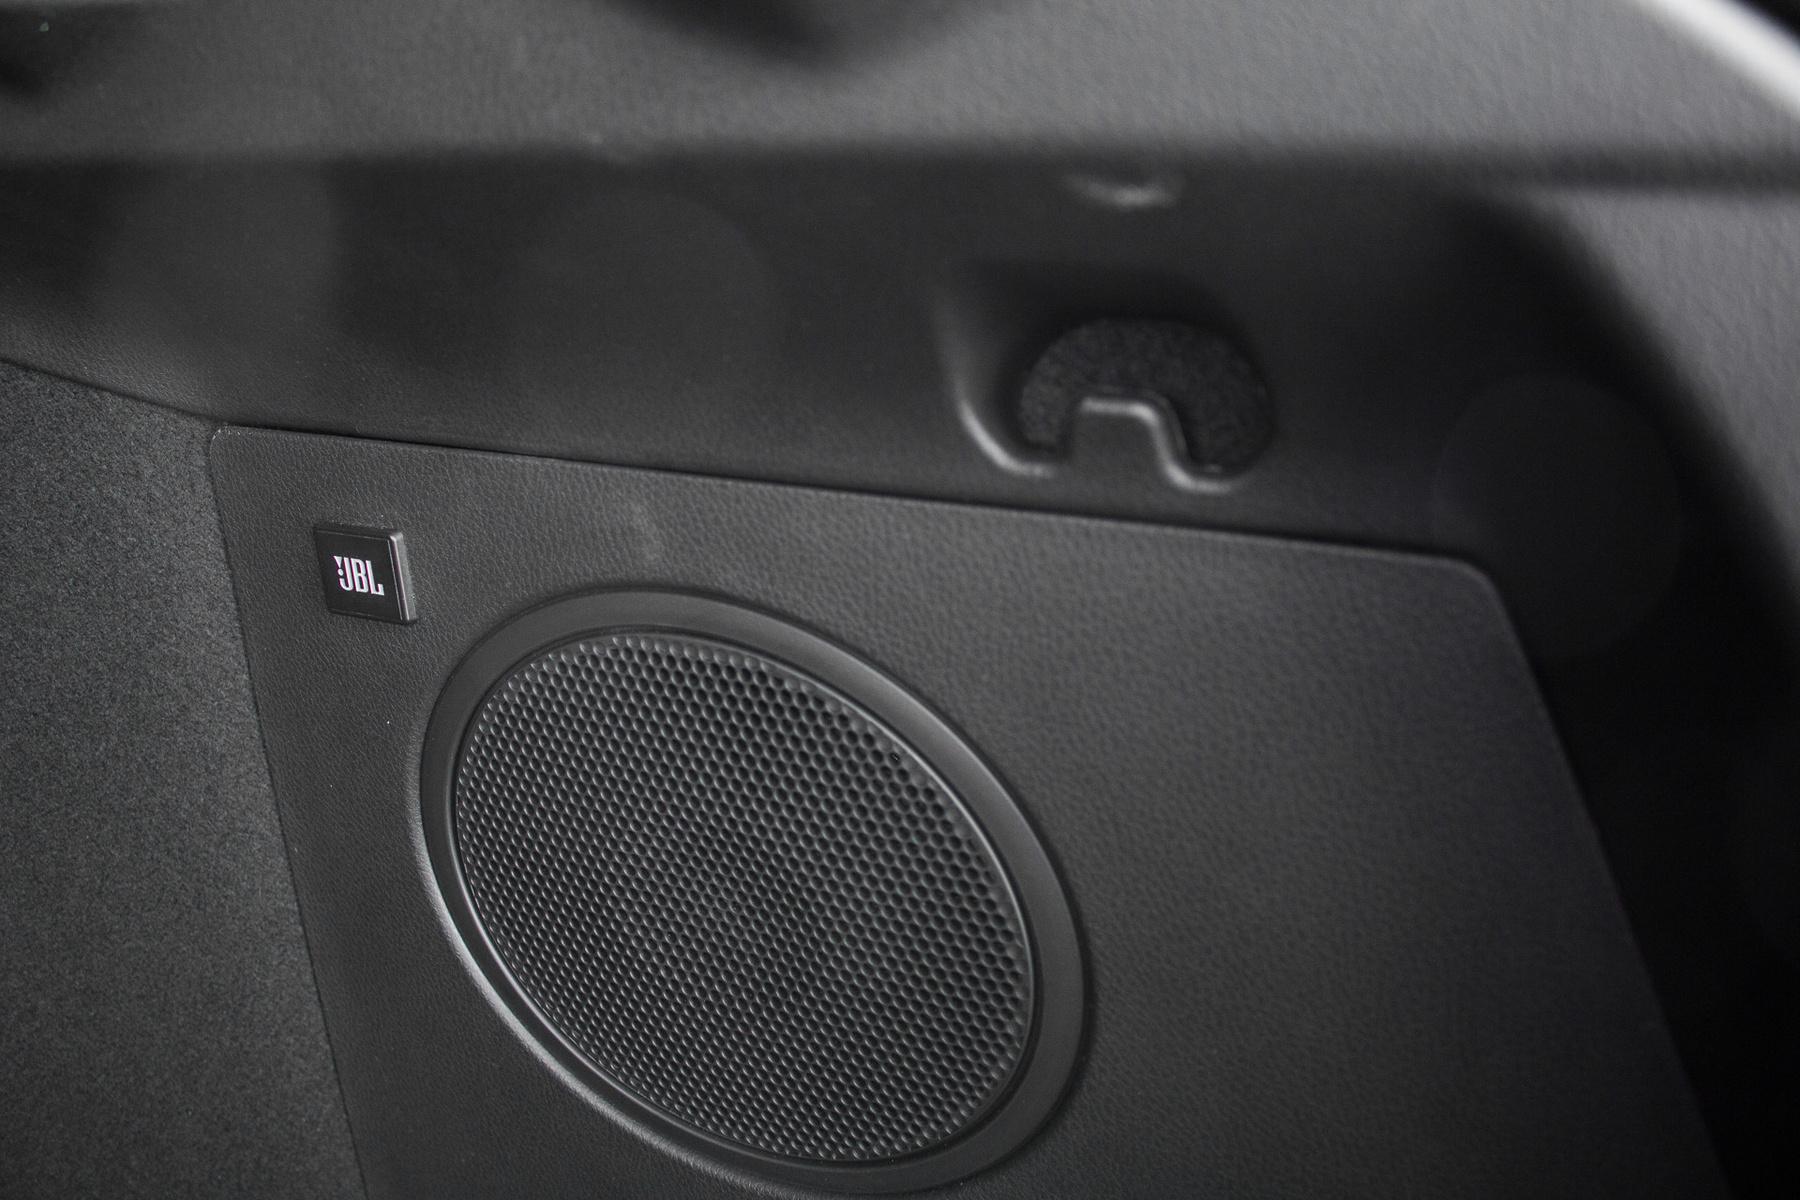 Kiegészítő basszus-hangszóró a csomagtartó oldalfalán